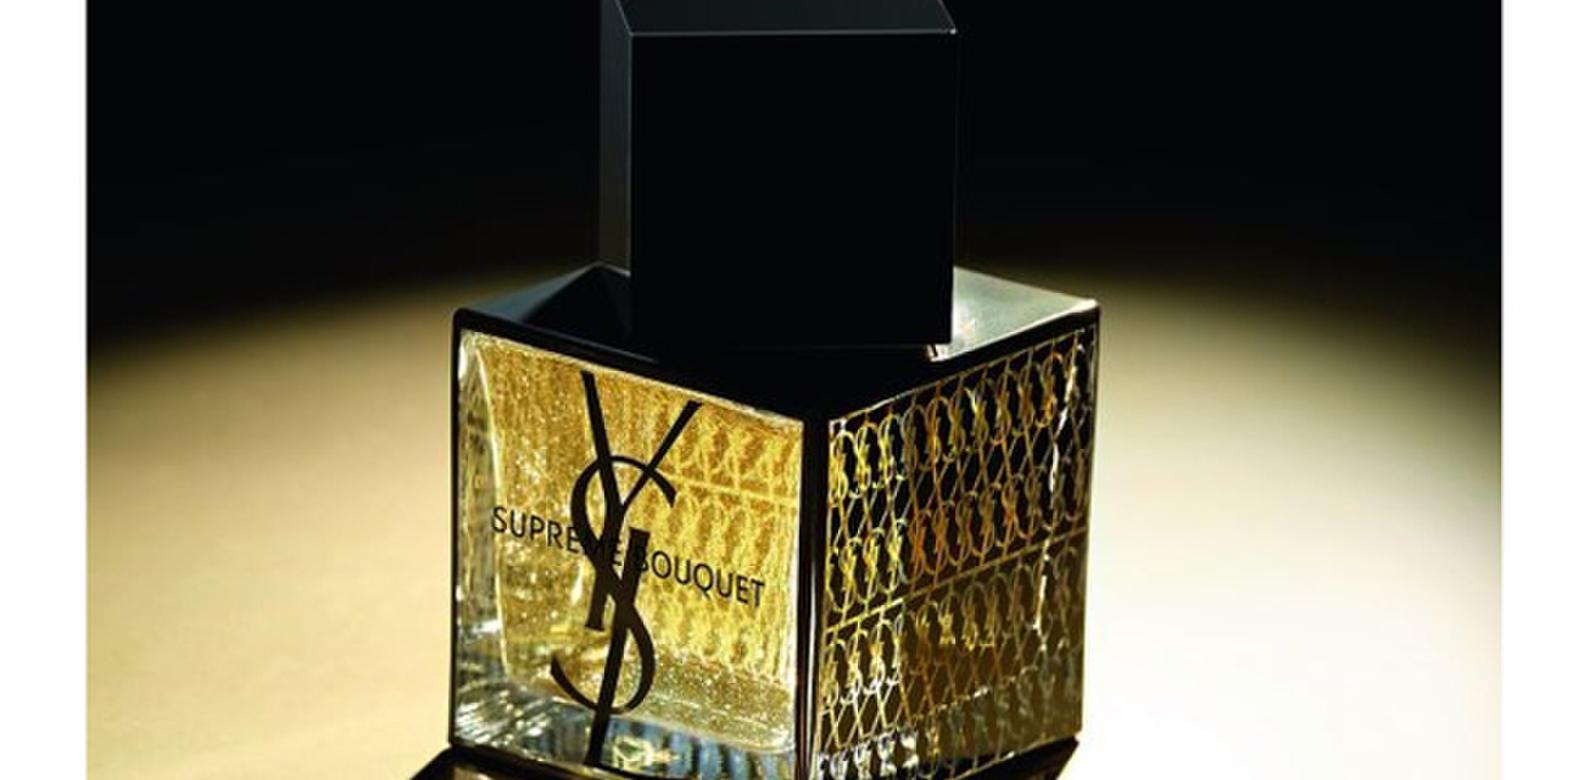 Yves Saint Laurent Launches Luxury Edition Of Suprme Bouquet Parfum Singapur Bvlgari Man